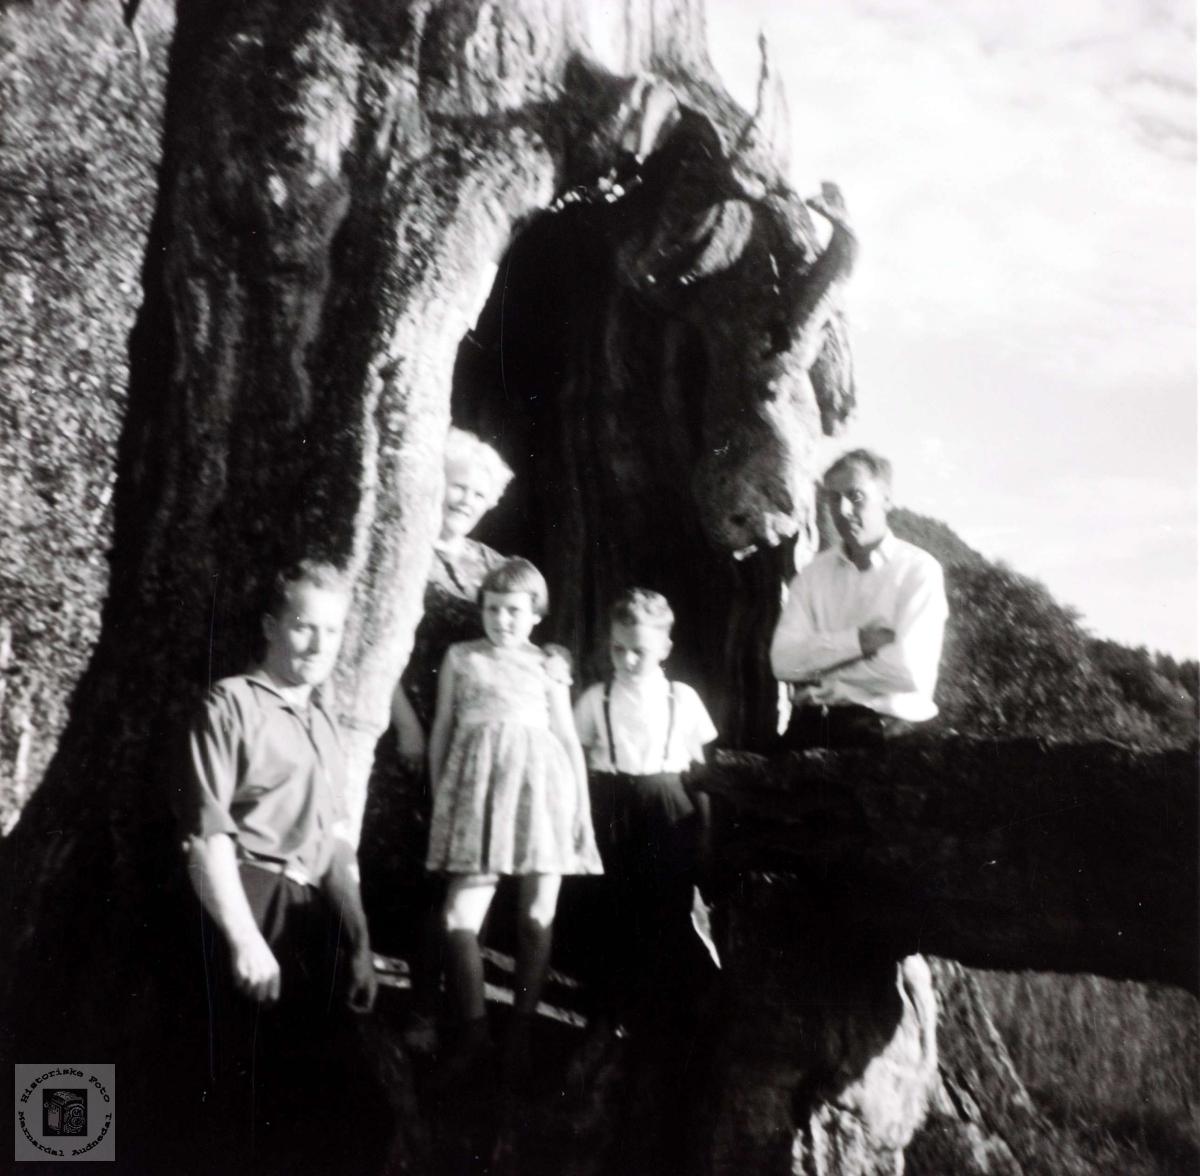 Personer fra Sveindal på tur til Grendi i Bygland, her i et gammelt tre.